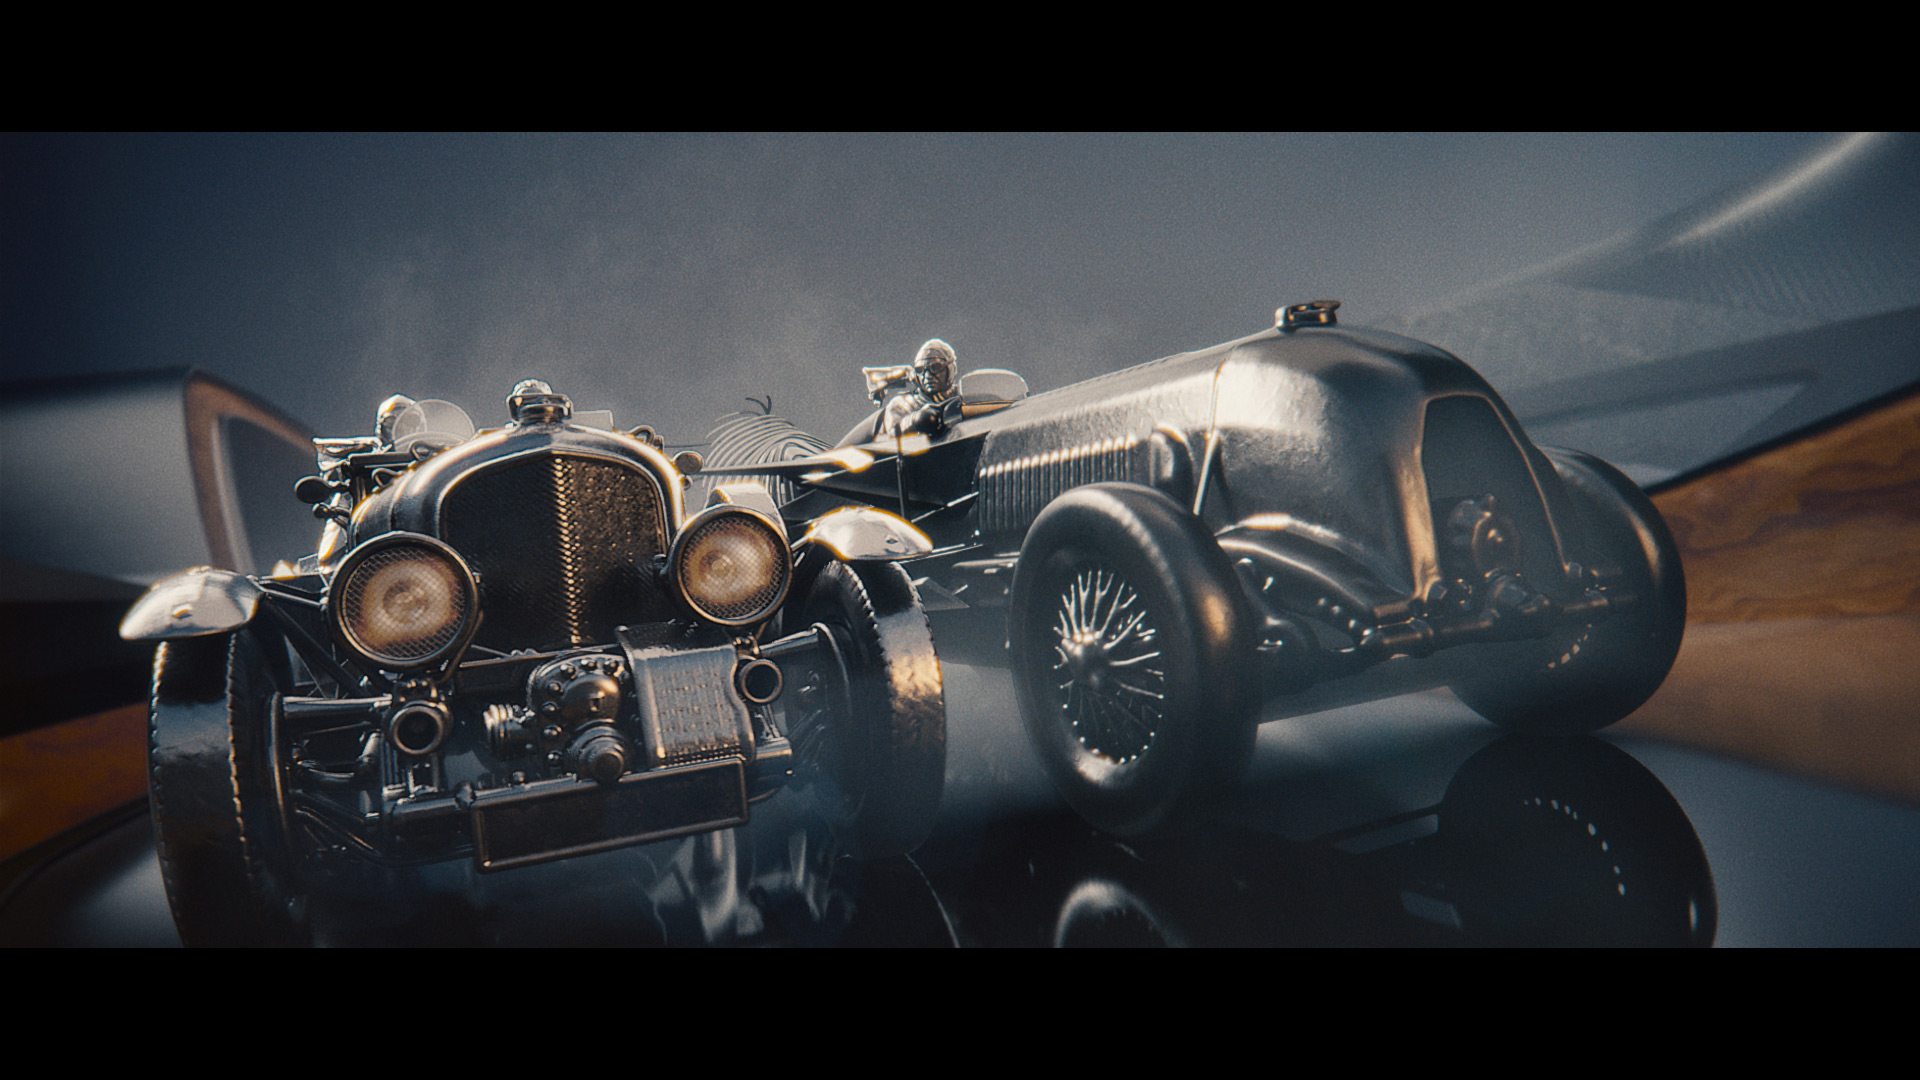 Премьера нового видео от Bentley: история исключительности